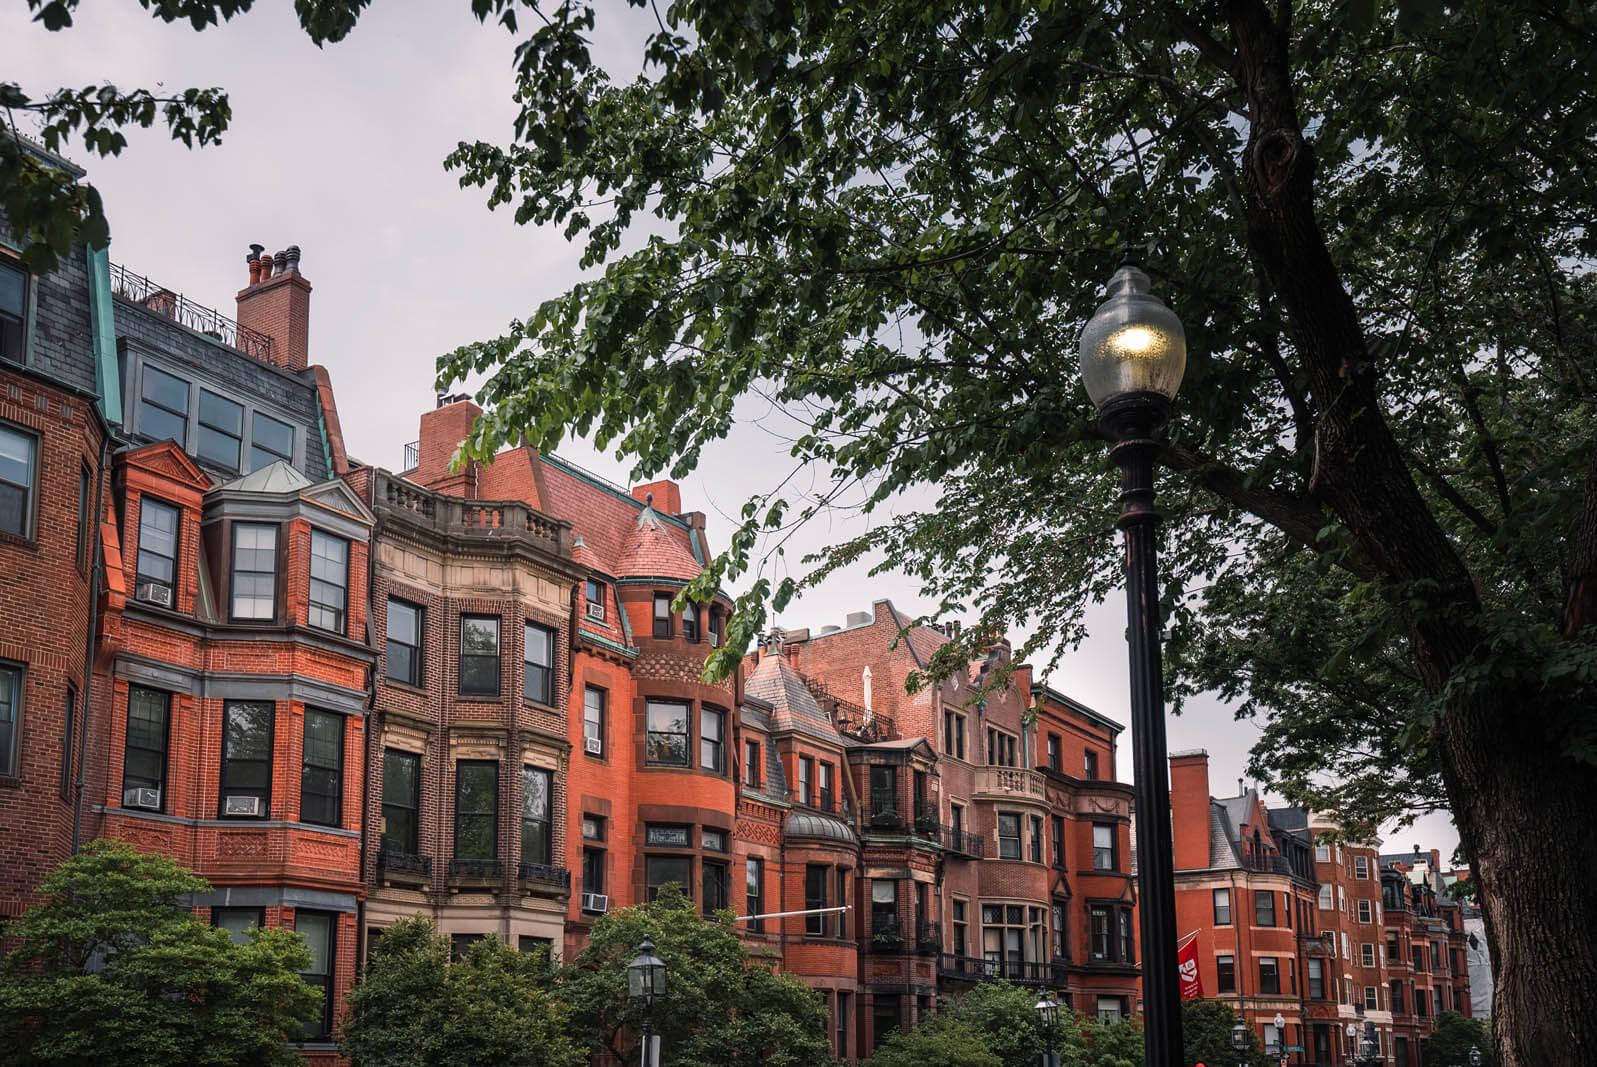 gorgeous homes of Back Bay in Boston Massachusetts